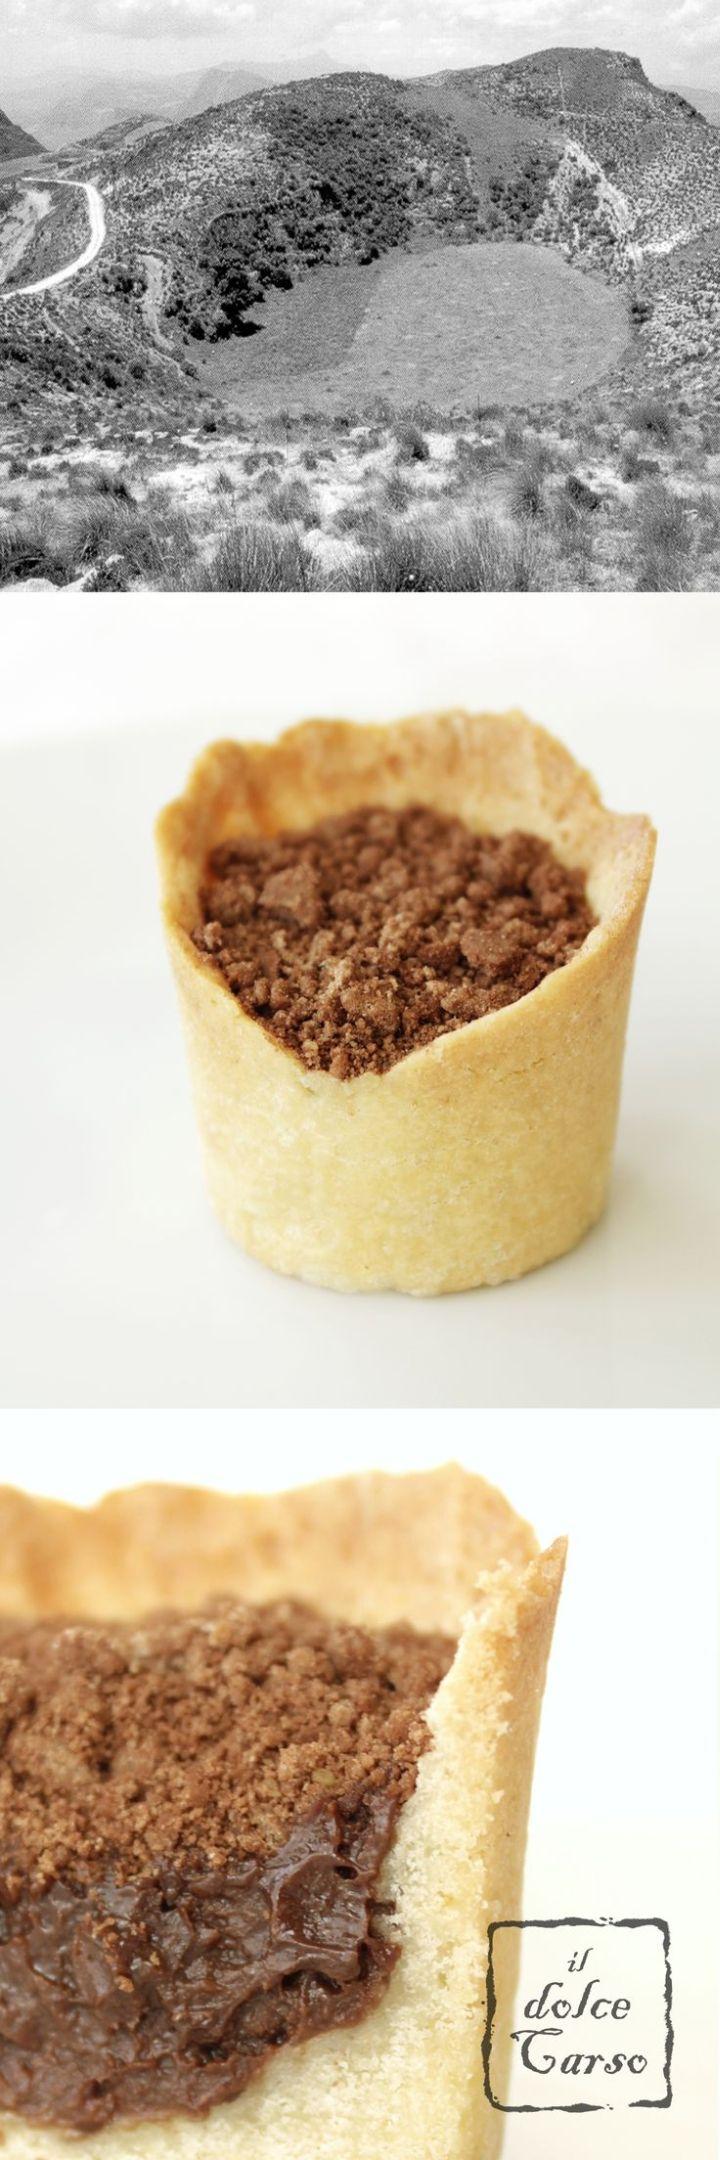 La dolina carsica in un biscotto con crema al cioccolato e biscotti sbriciolati come zolle di terra rossa